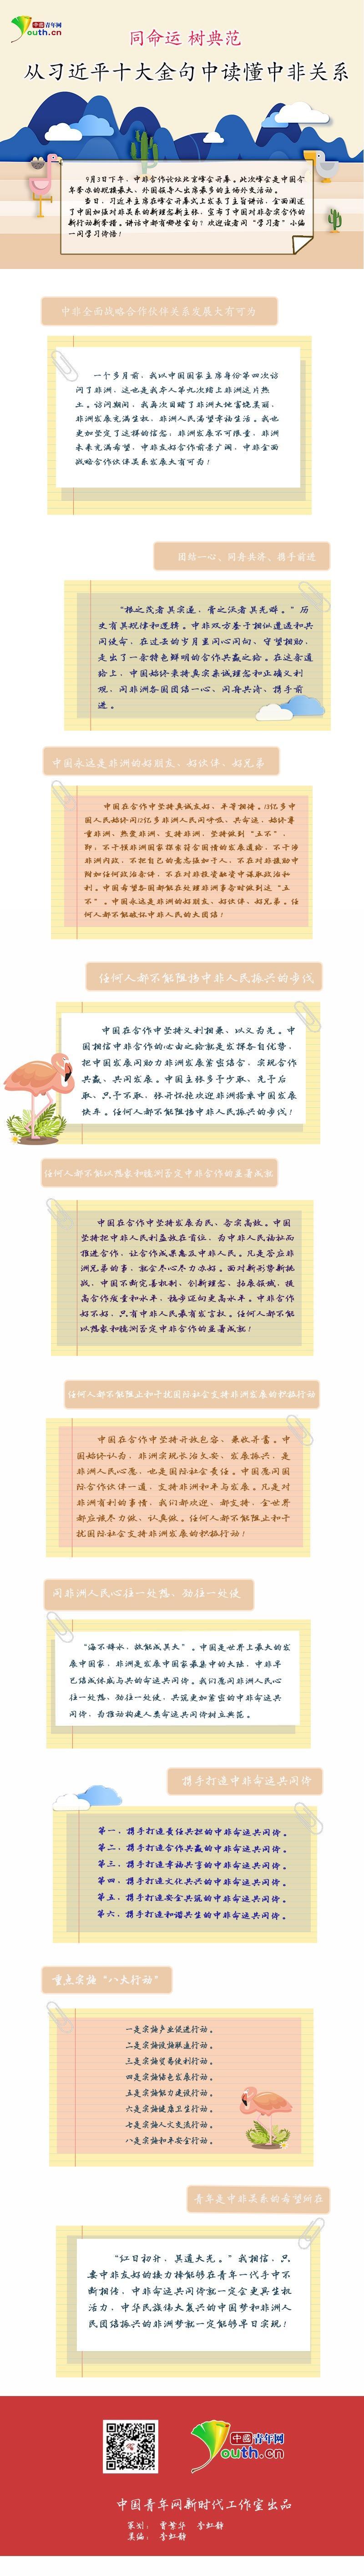 同命运 树典范:从习近平十大金句中读懂中非关系